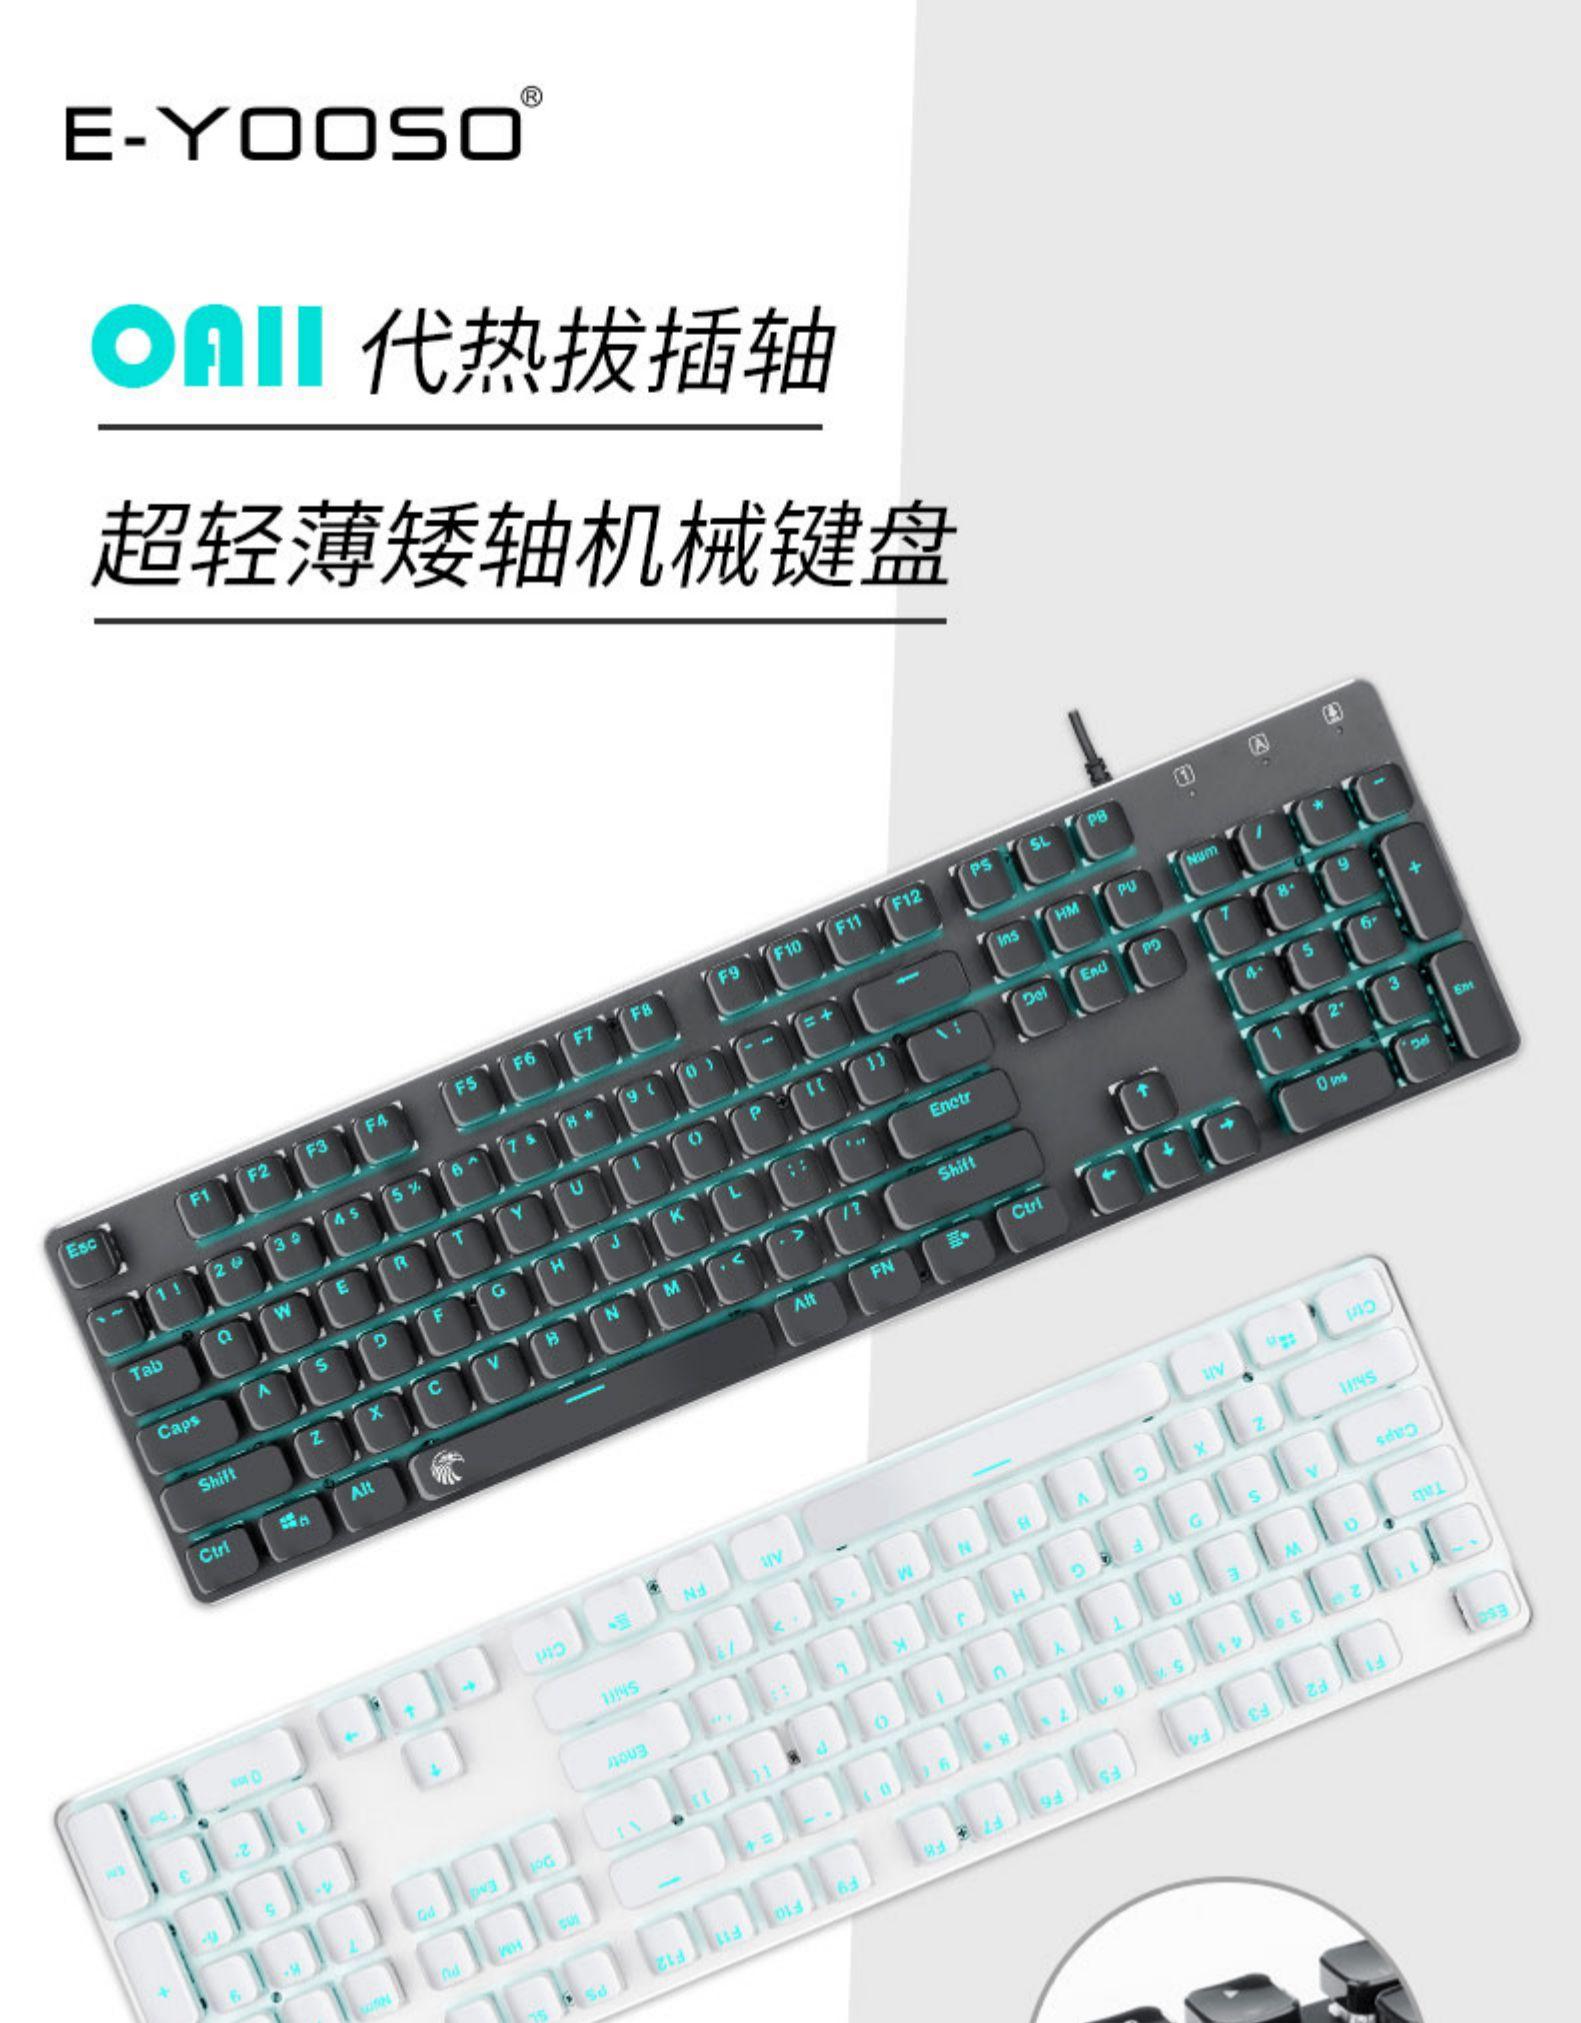 元素巧克力水晶青轴机械键盘滑鼠套组笔记本臺式电脑有线外接办公专用打字矮轴茶轴红轴黑轴游戏电竞键鼠详细照片